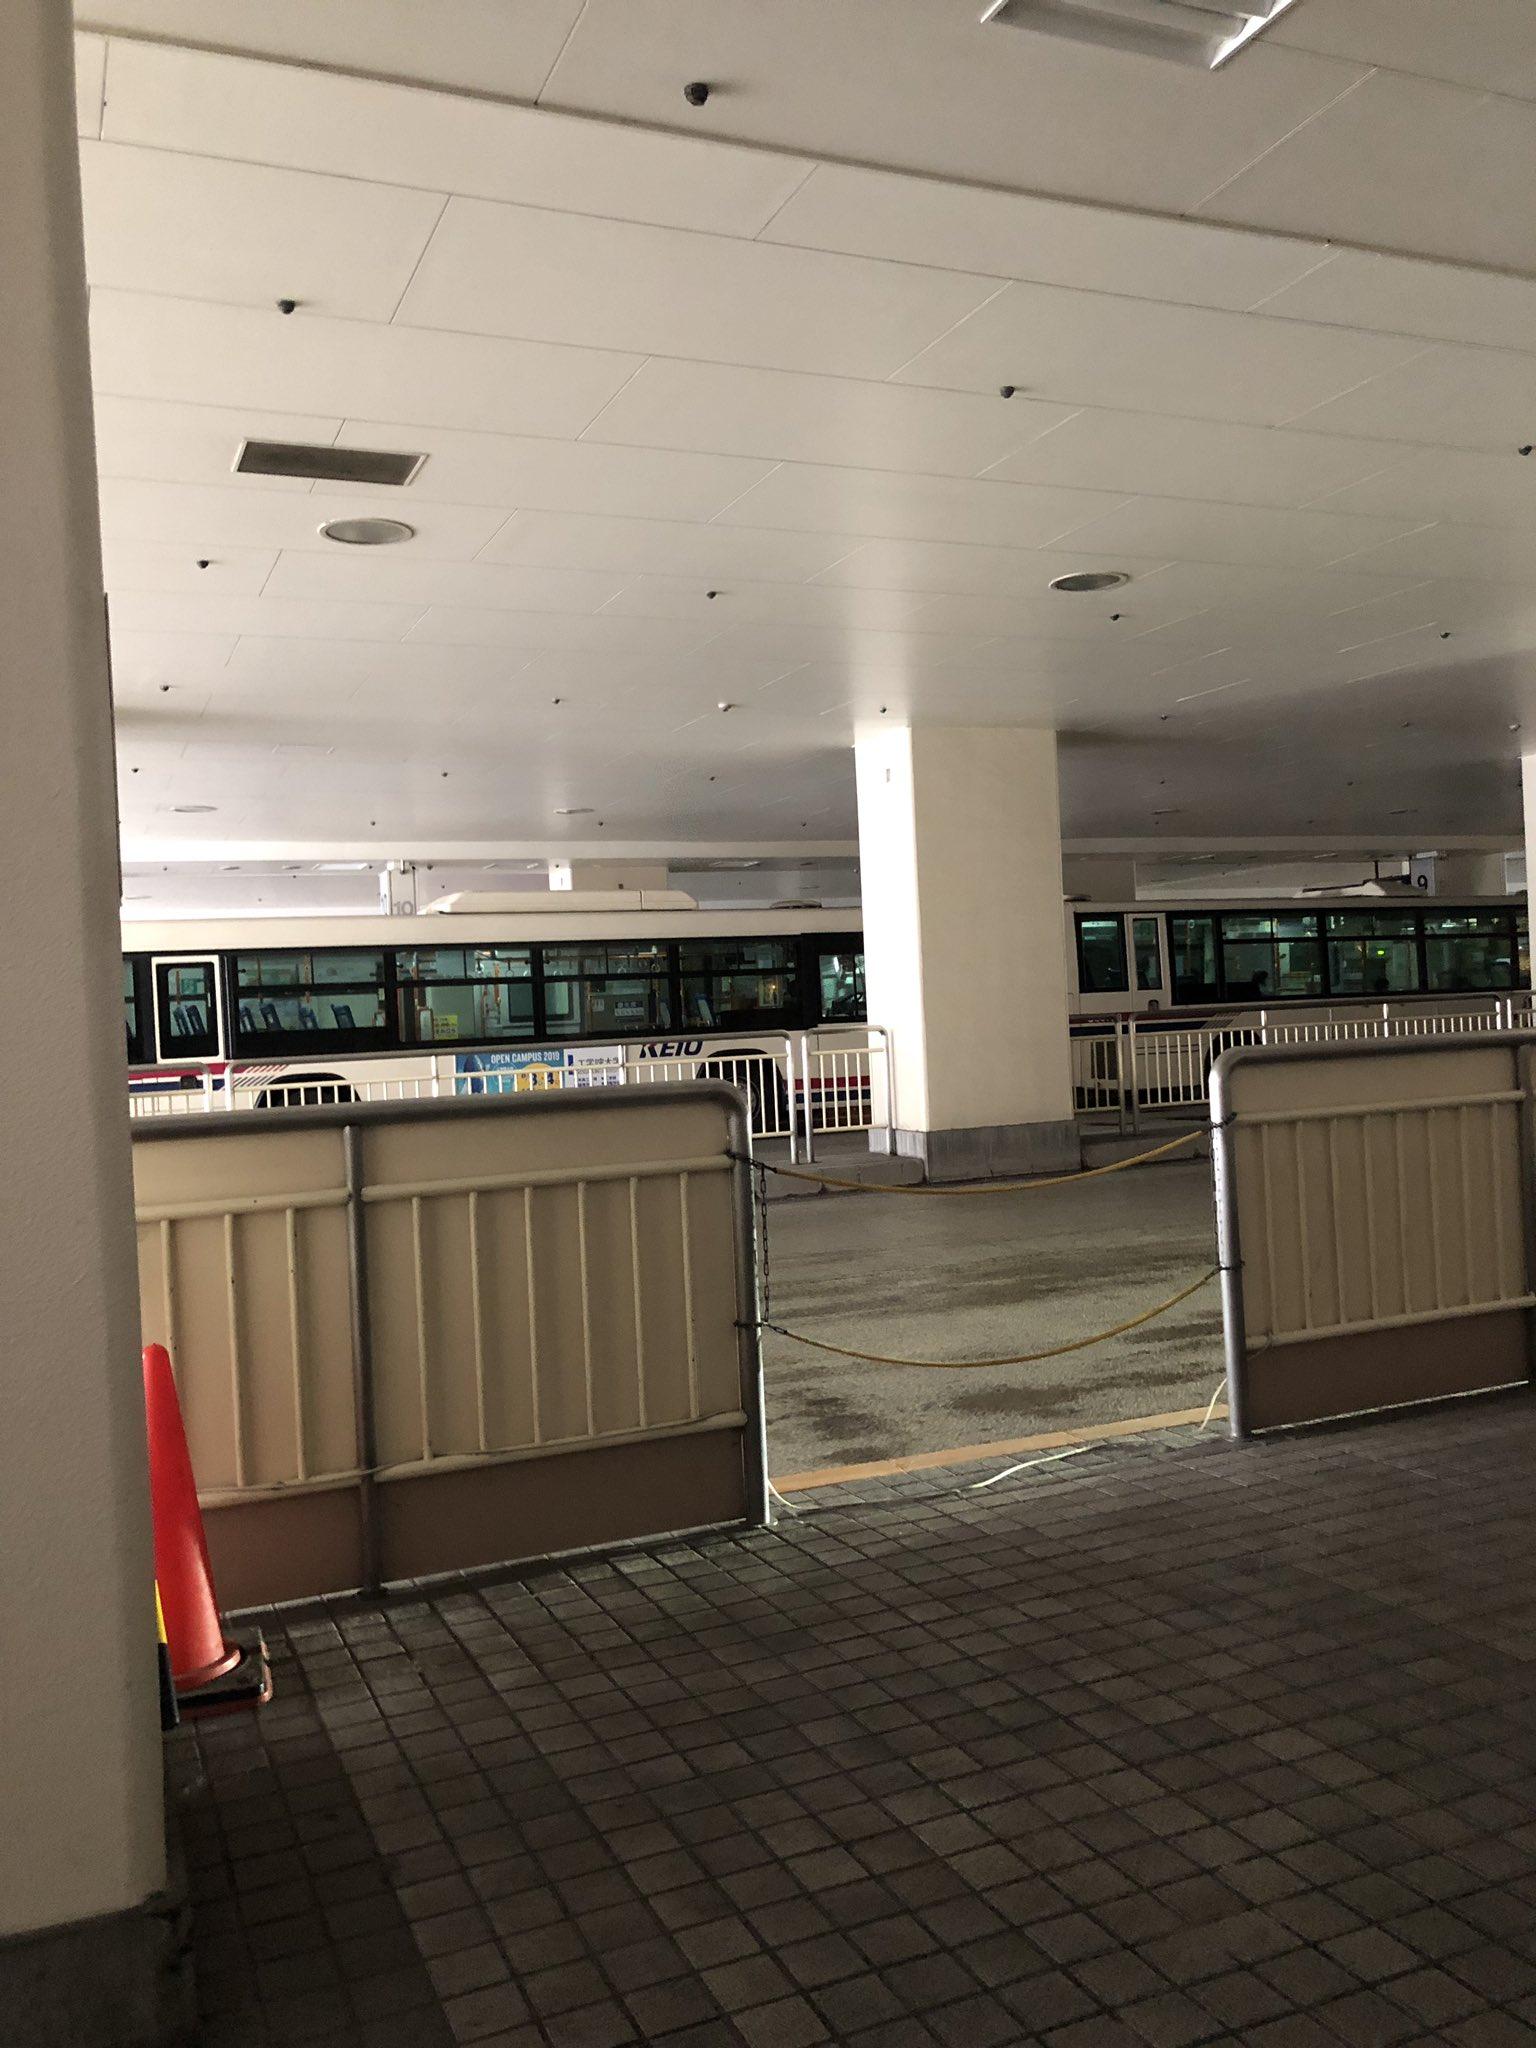 画像,聖蹟桜ヶ丘の駅停電でコンコースもバスターミナルも真っ暗、全線で運転見合わせ。#京王線#聖蹟桜ヶ丘 https://t.co/b6mEmATM1h…